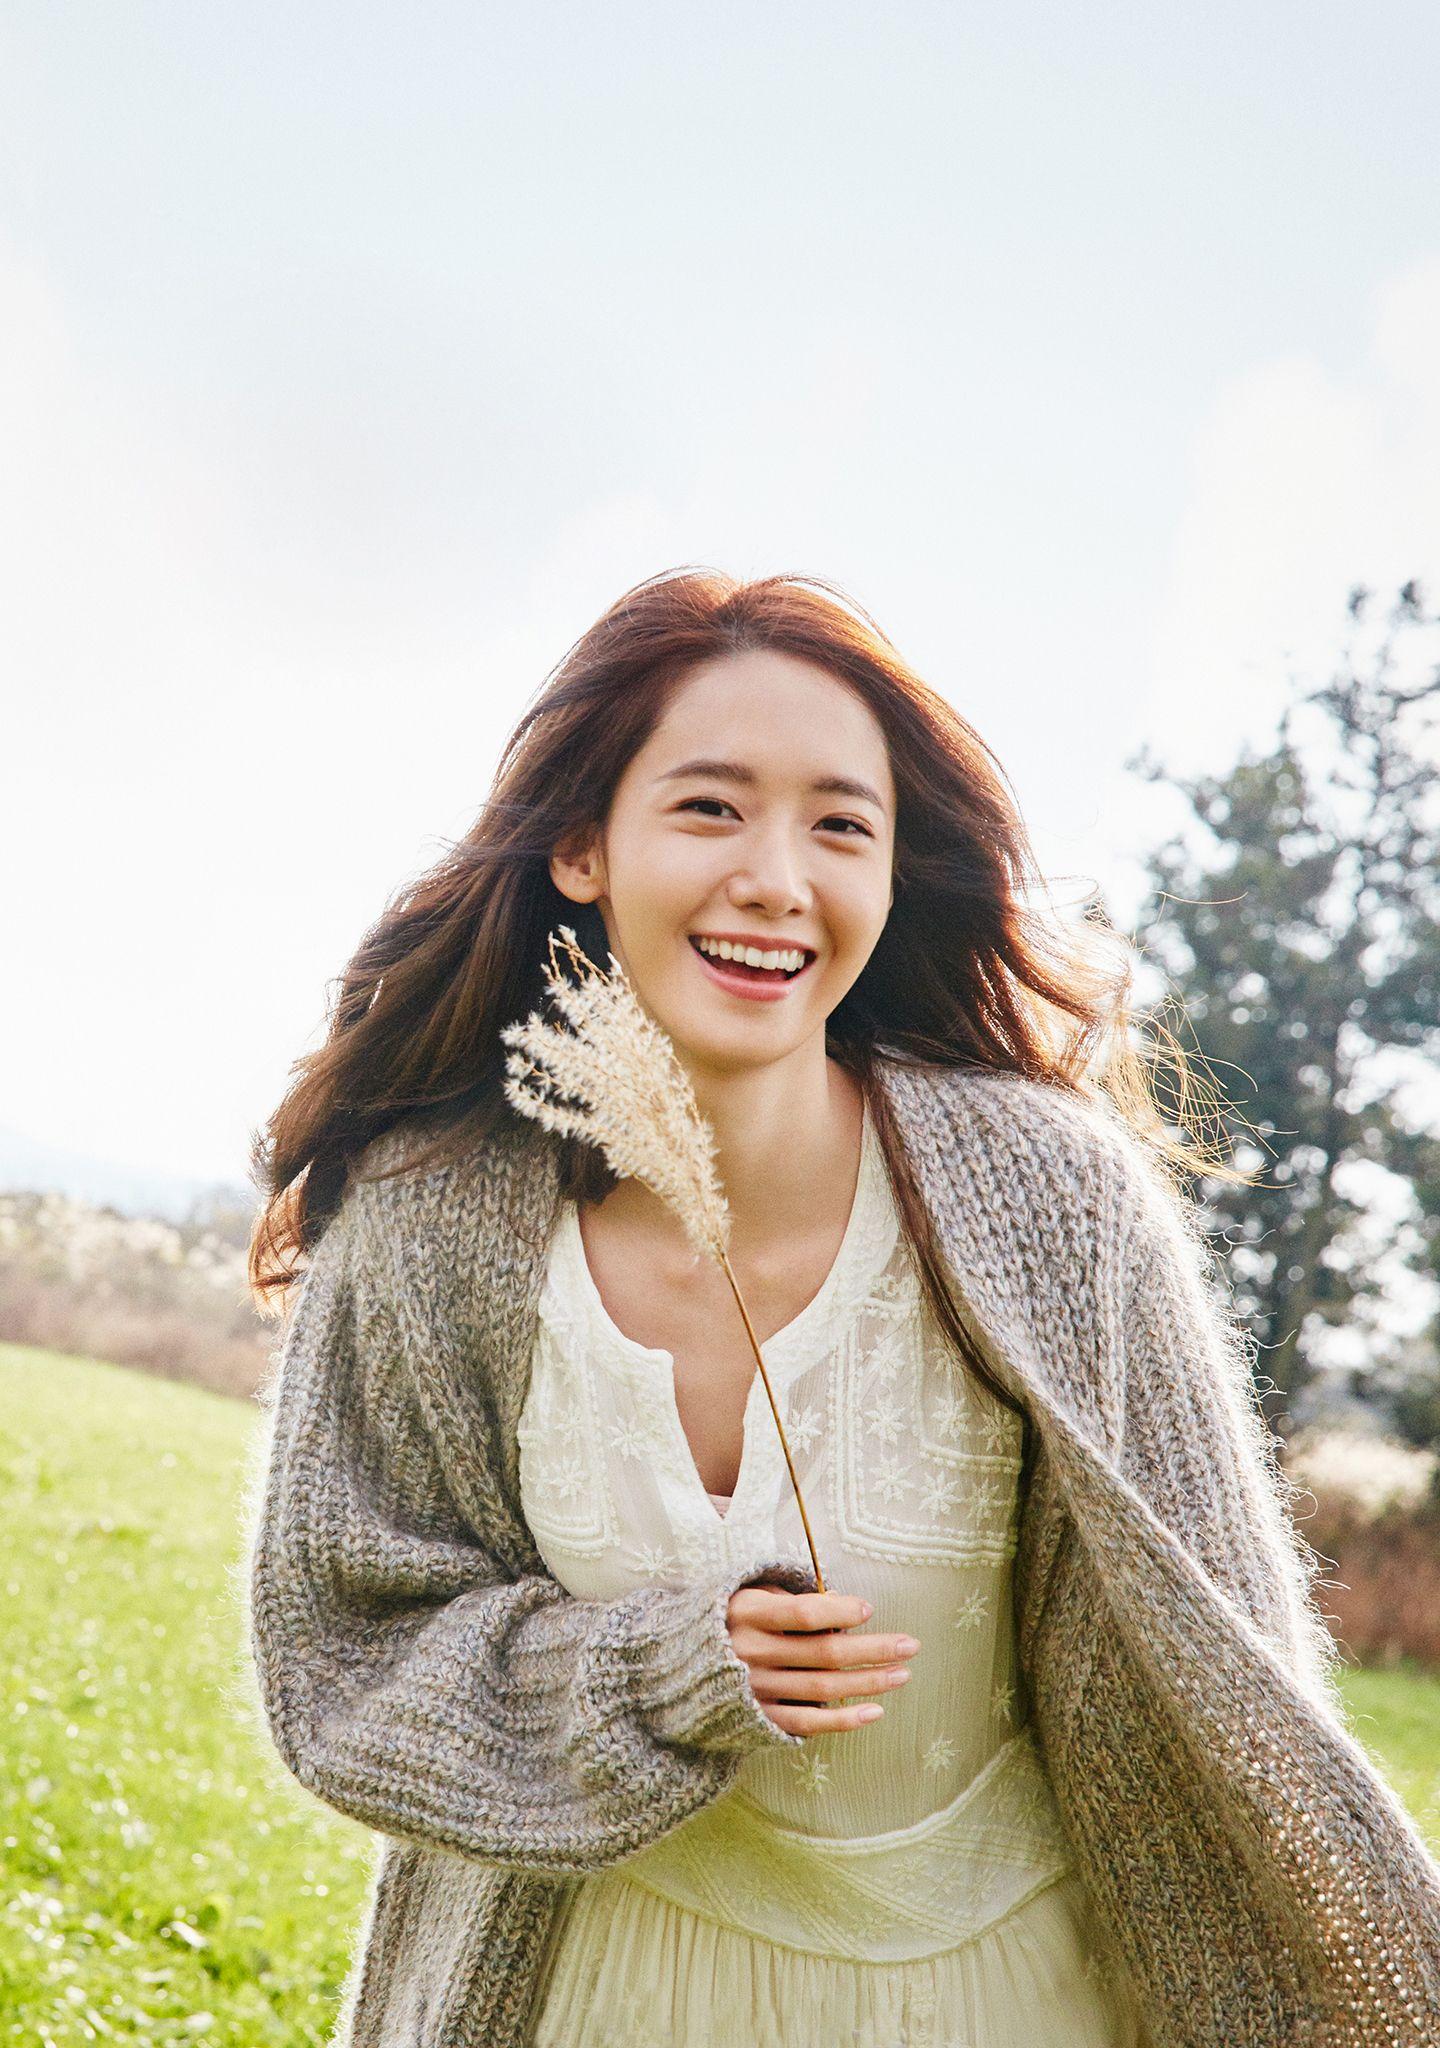 Đẳng cấp Yoona: 14 năm liên tiếp làm nàng thơ của các hãng mỹ phẩm, chưa hề thất sủng 01 phút nào  - Ảnh 4.